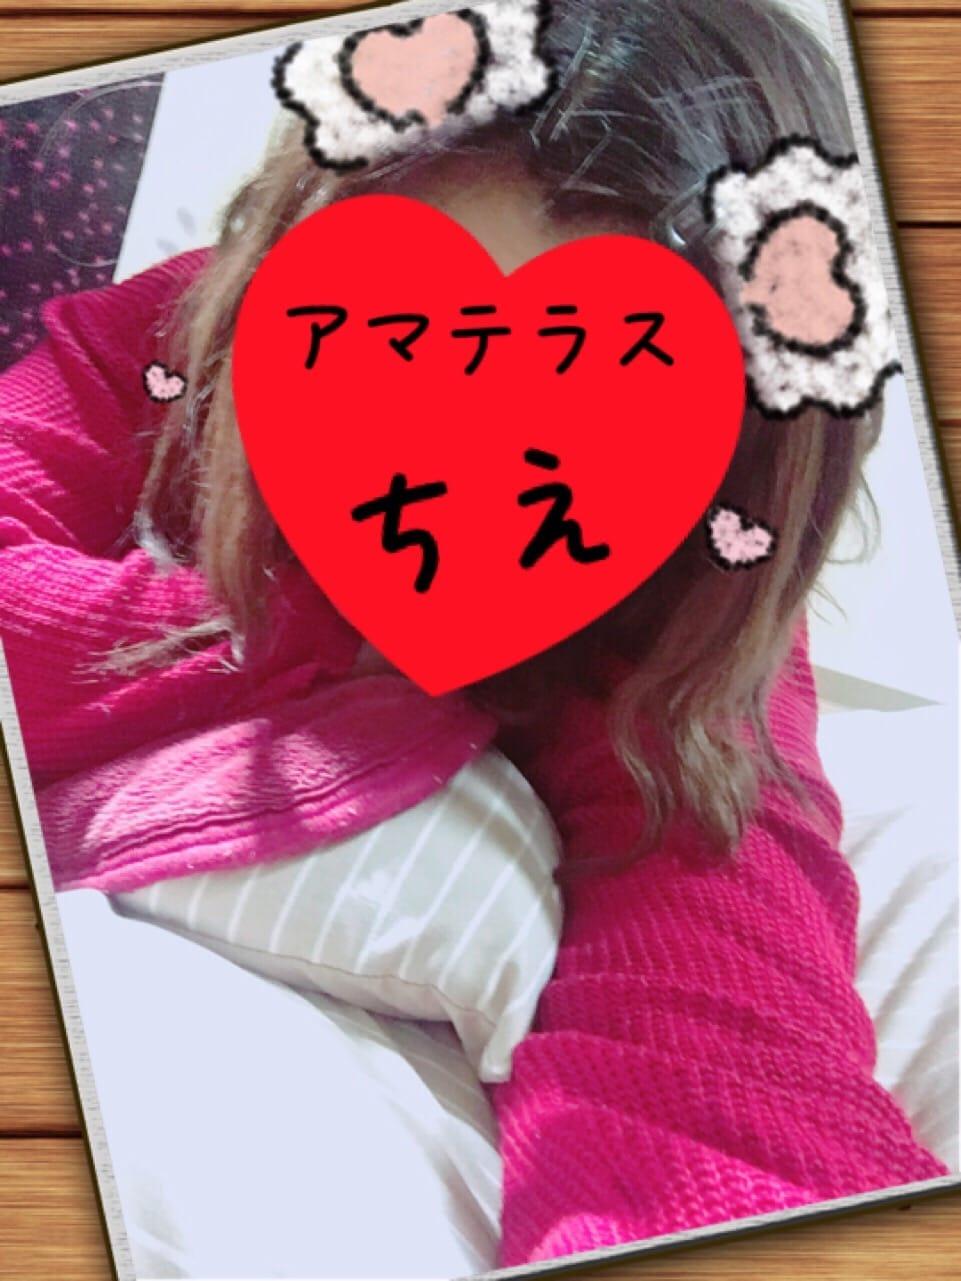 「しゅっきーん♡」04/02(04/02) 22:30 | Chie(ちえ)の写メ・風俗動画